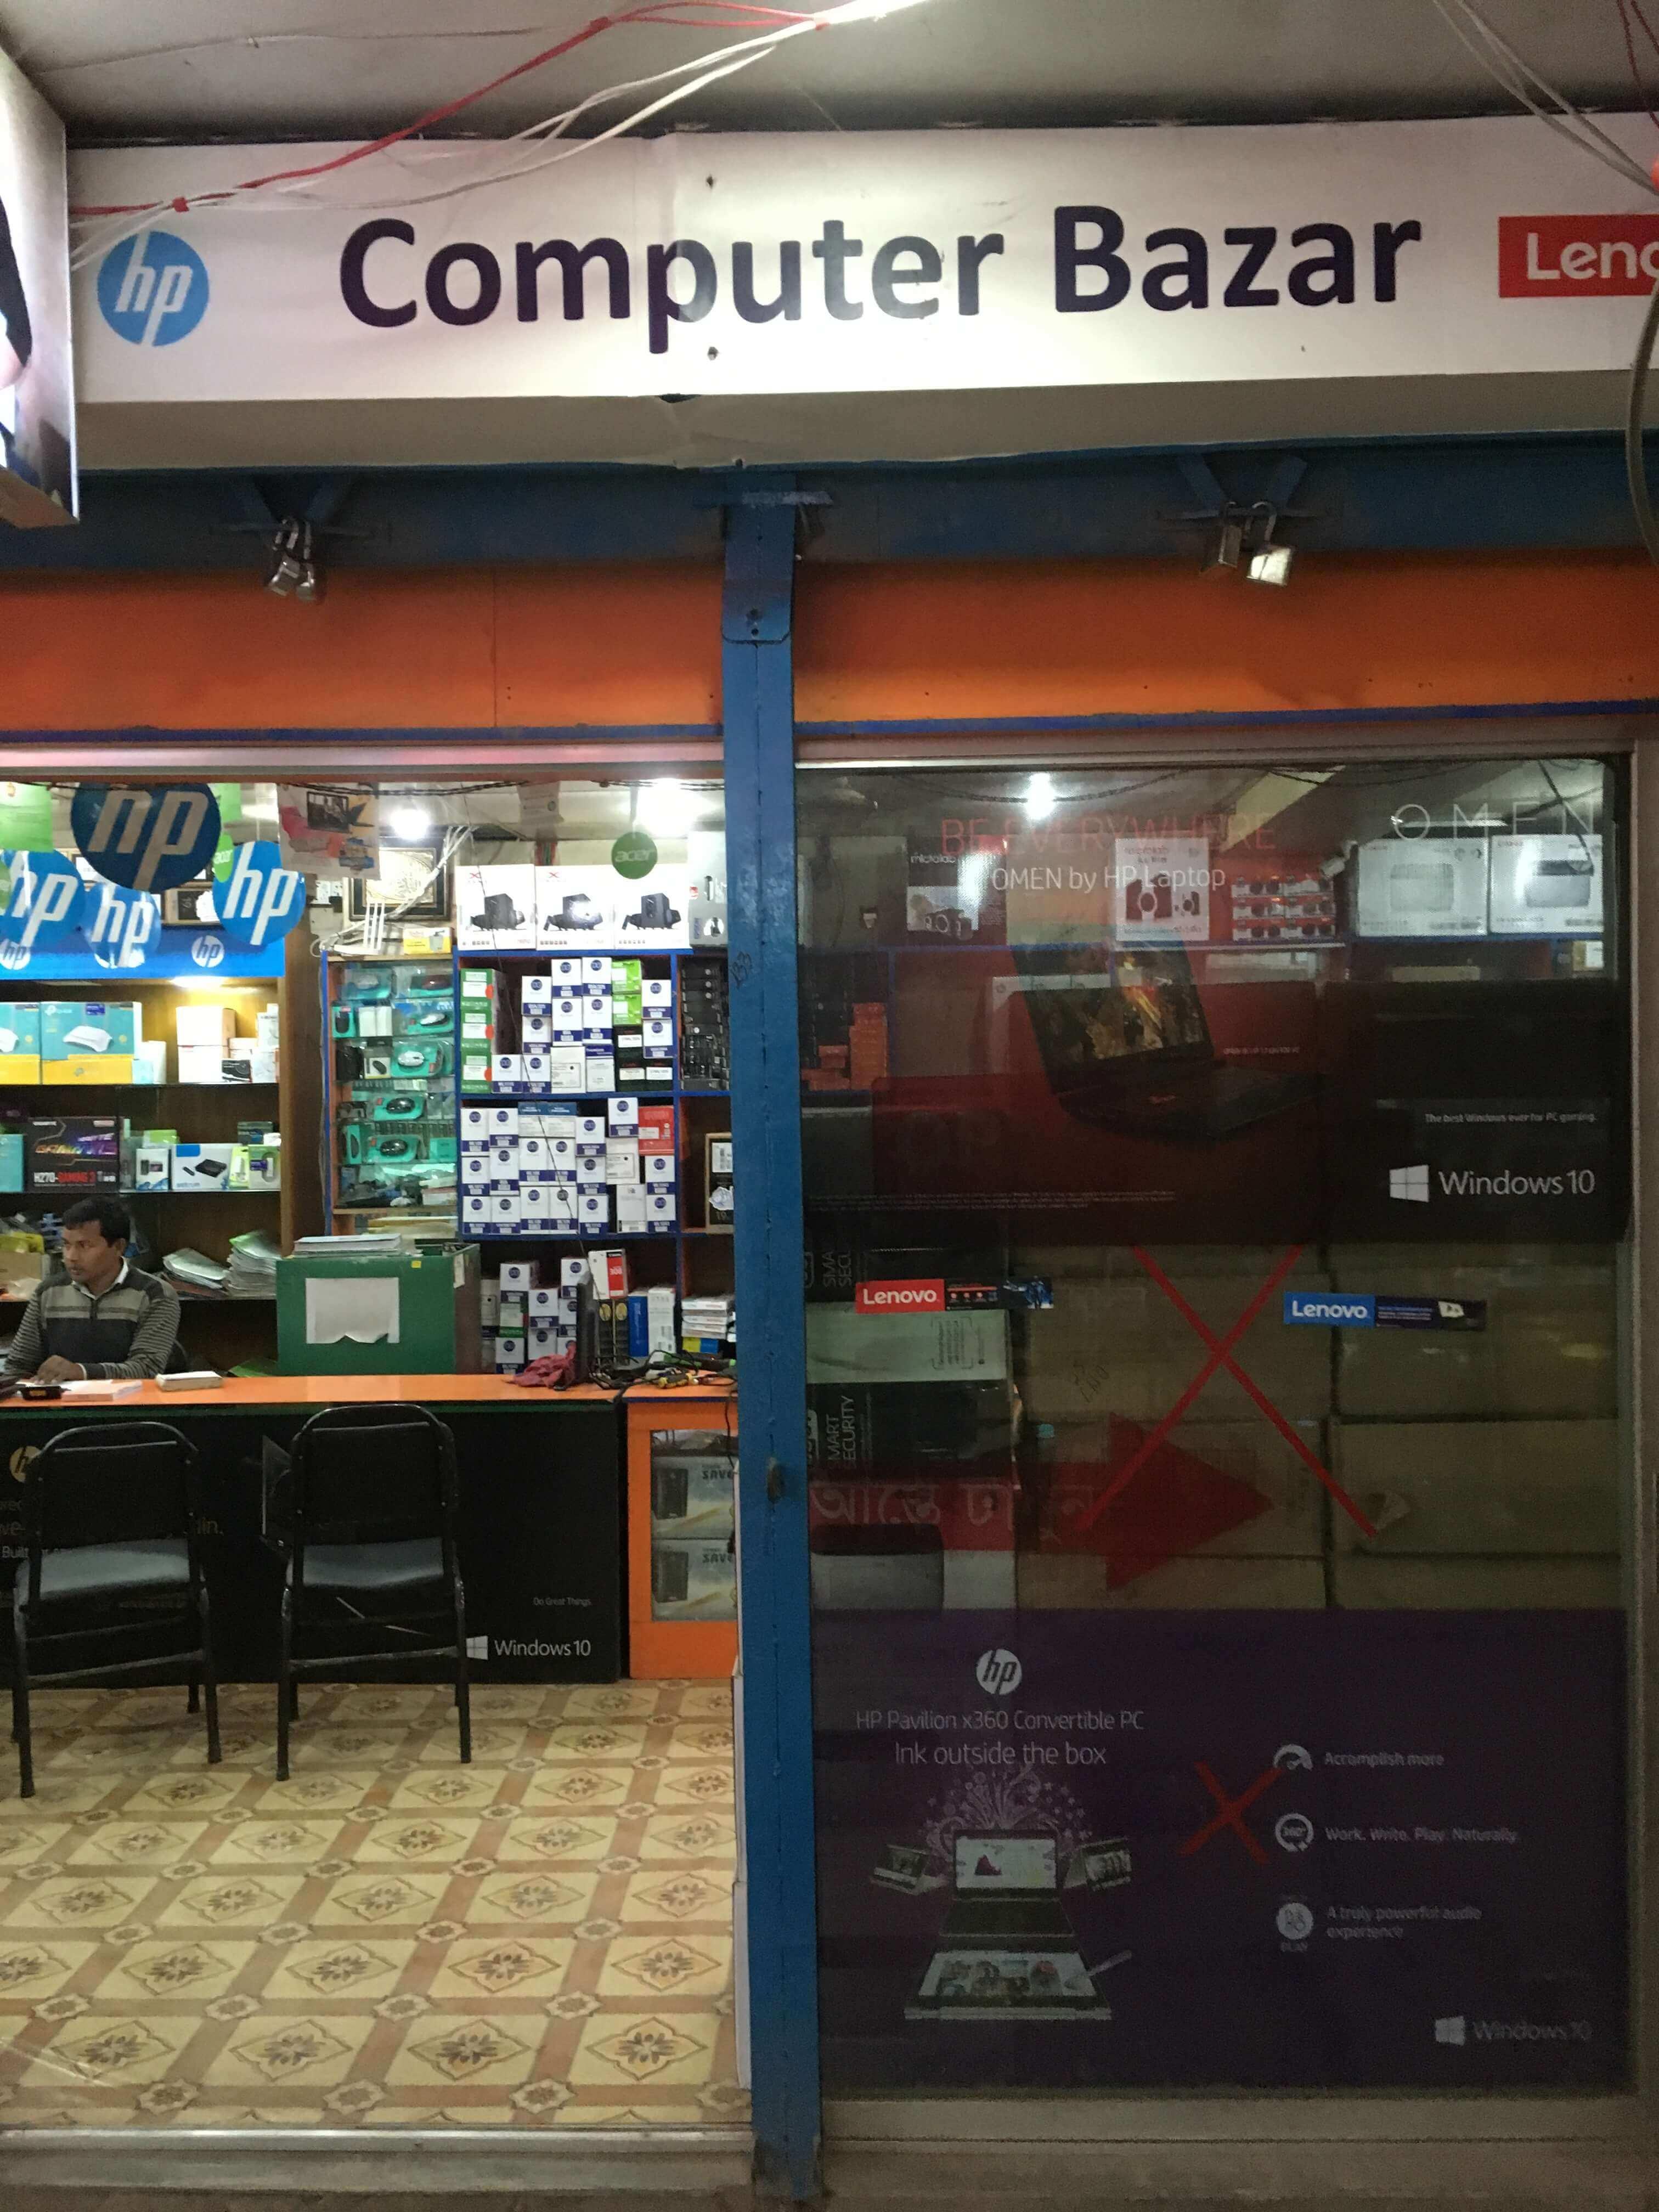 Computer Bazar